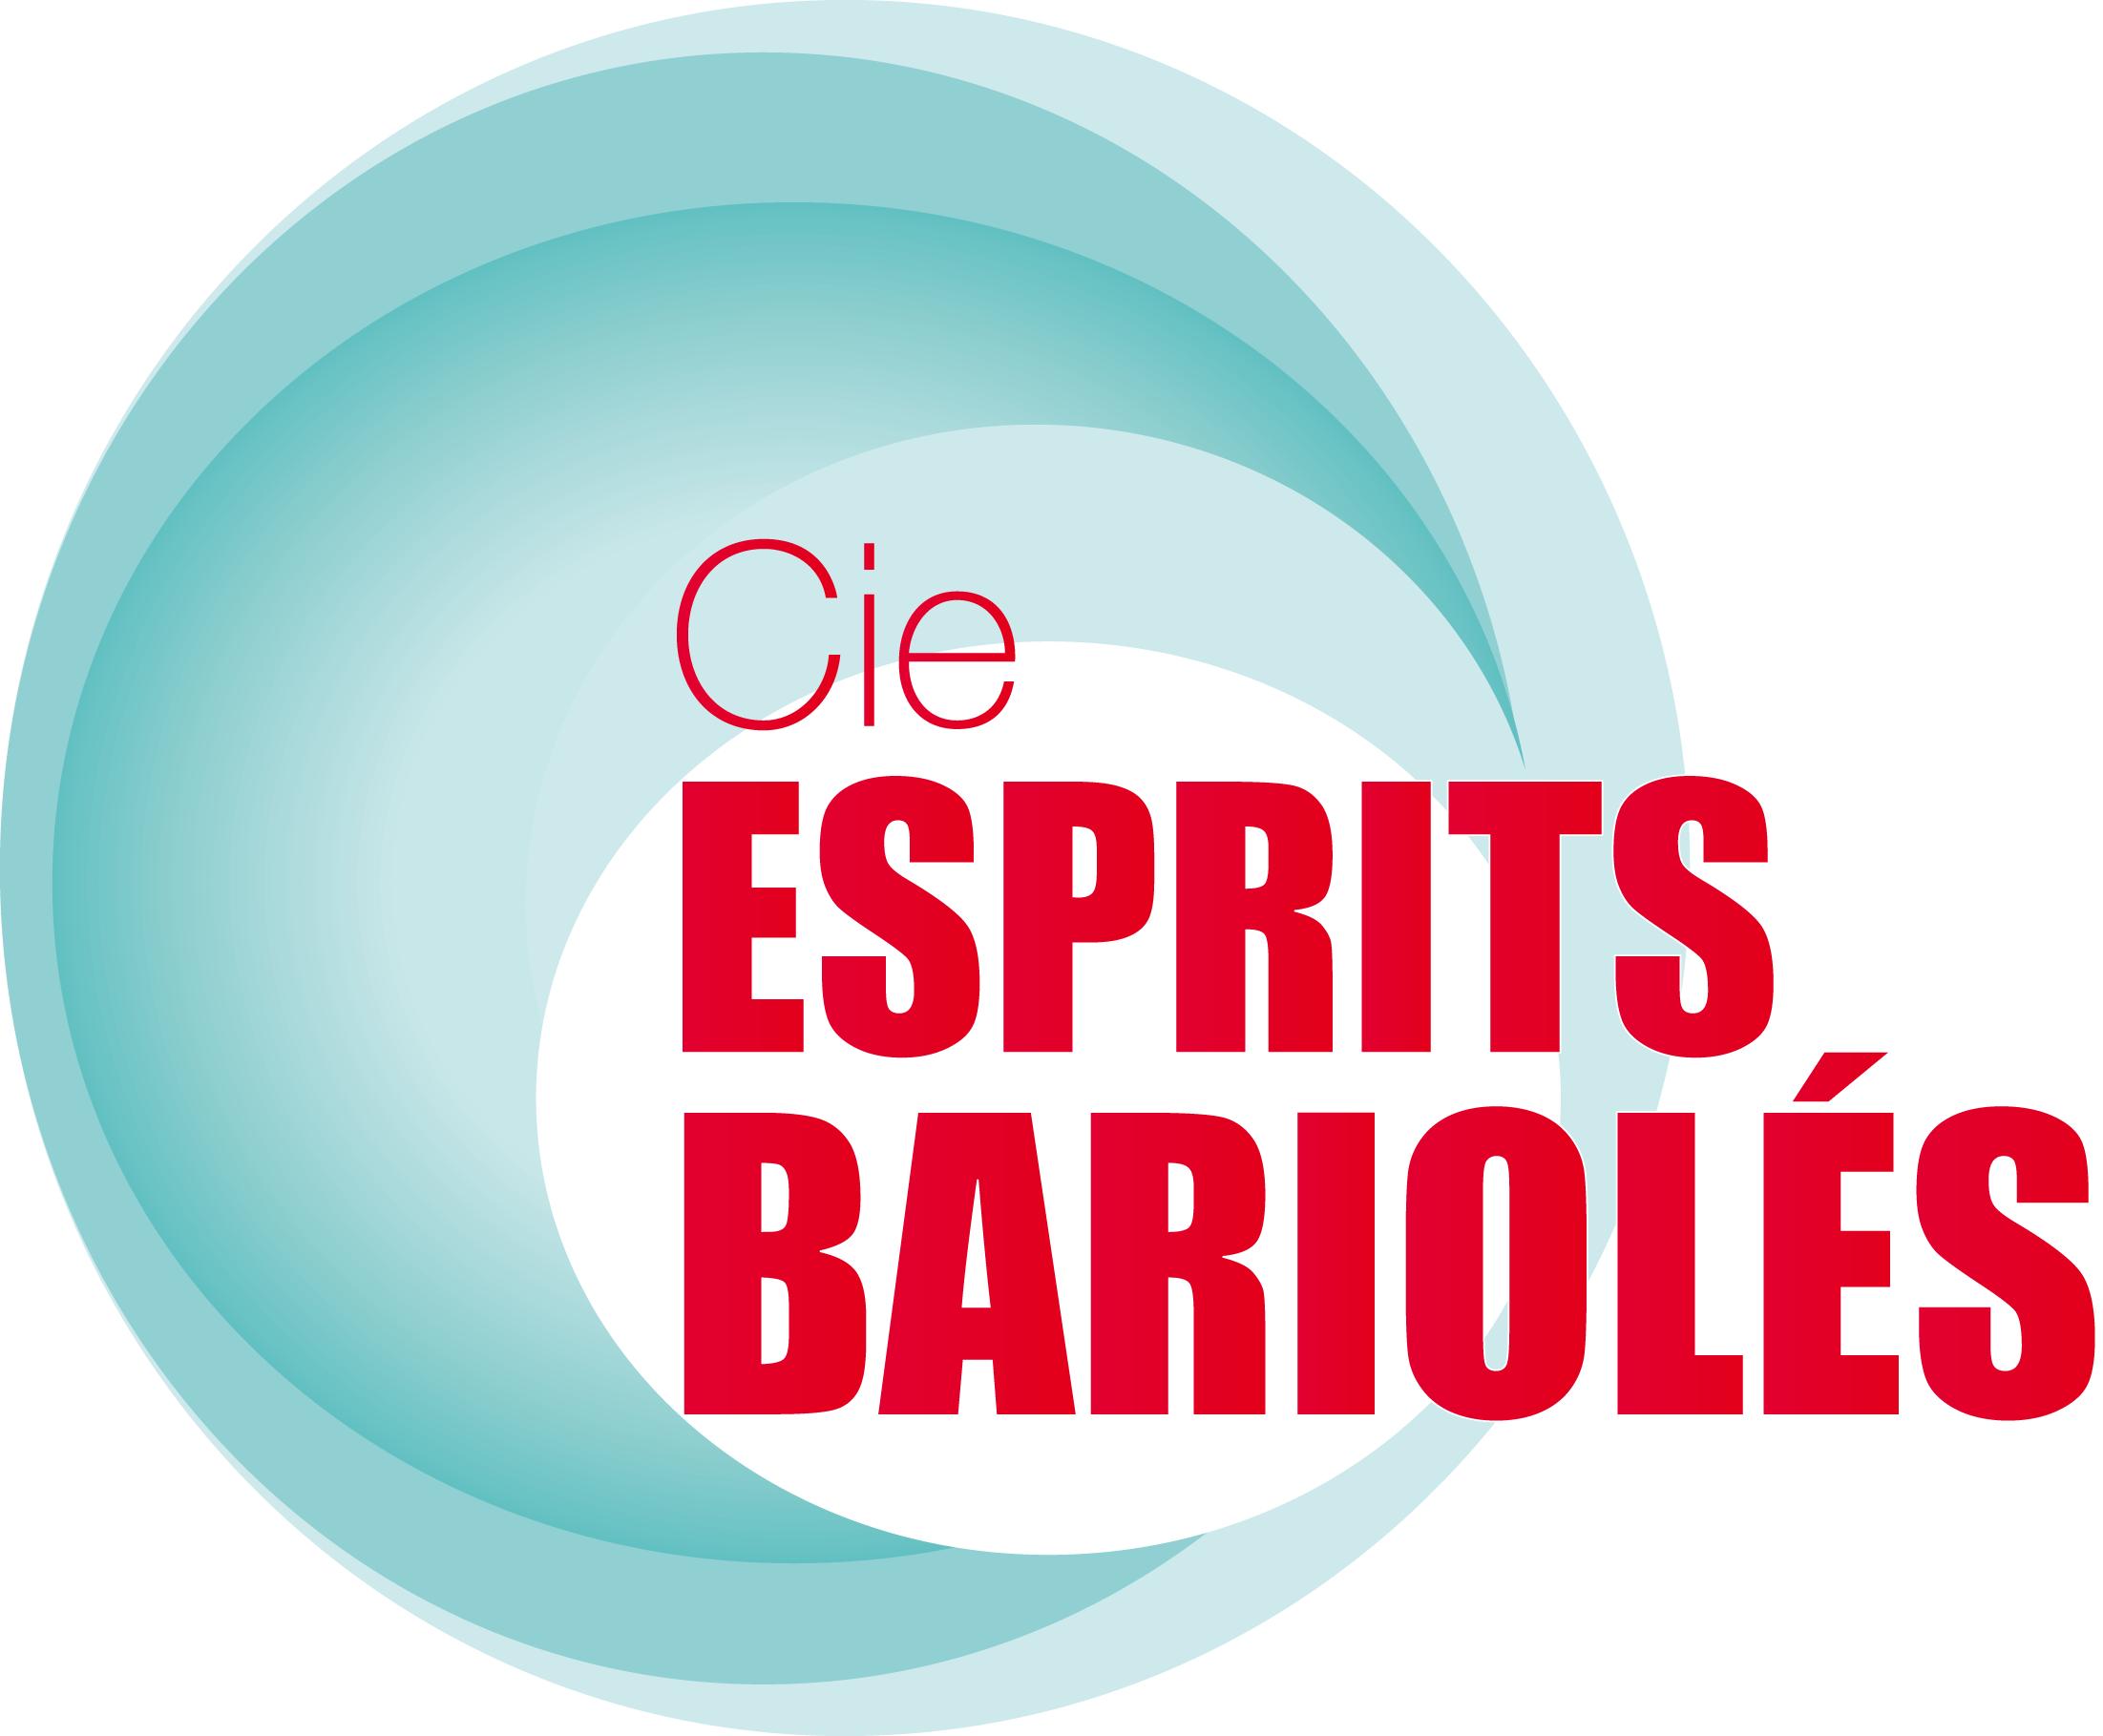 Cie Esprits Bariolés